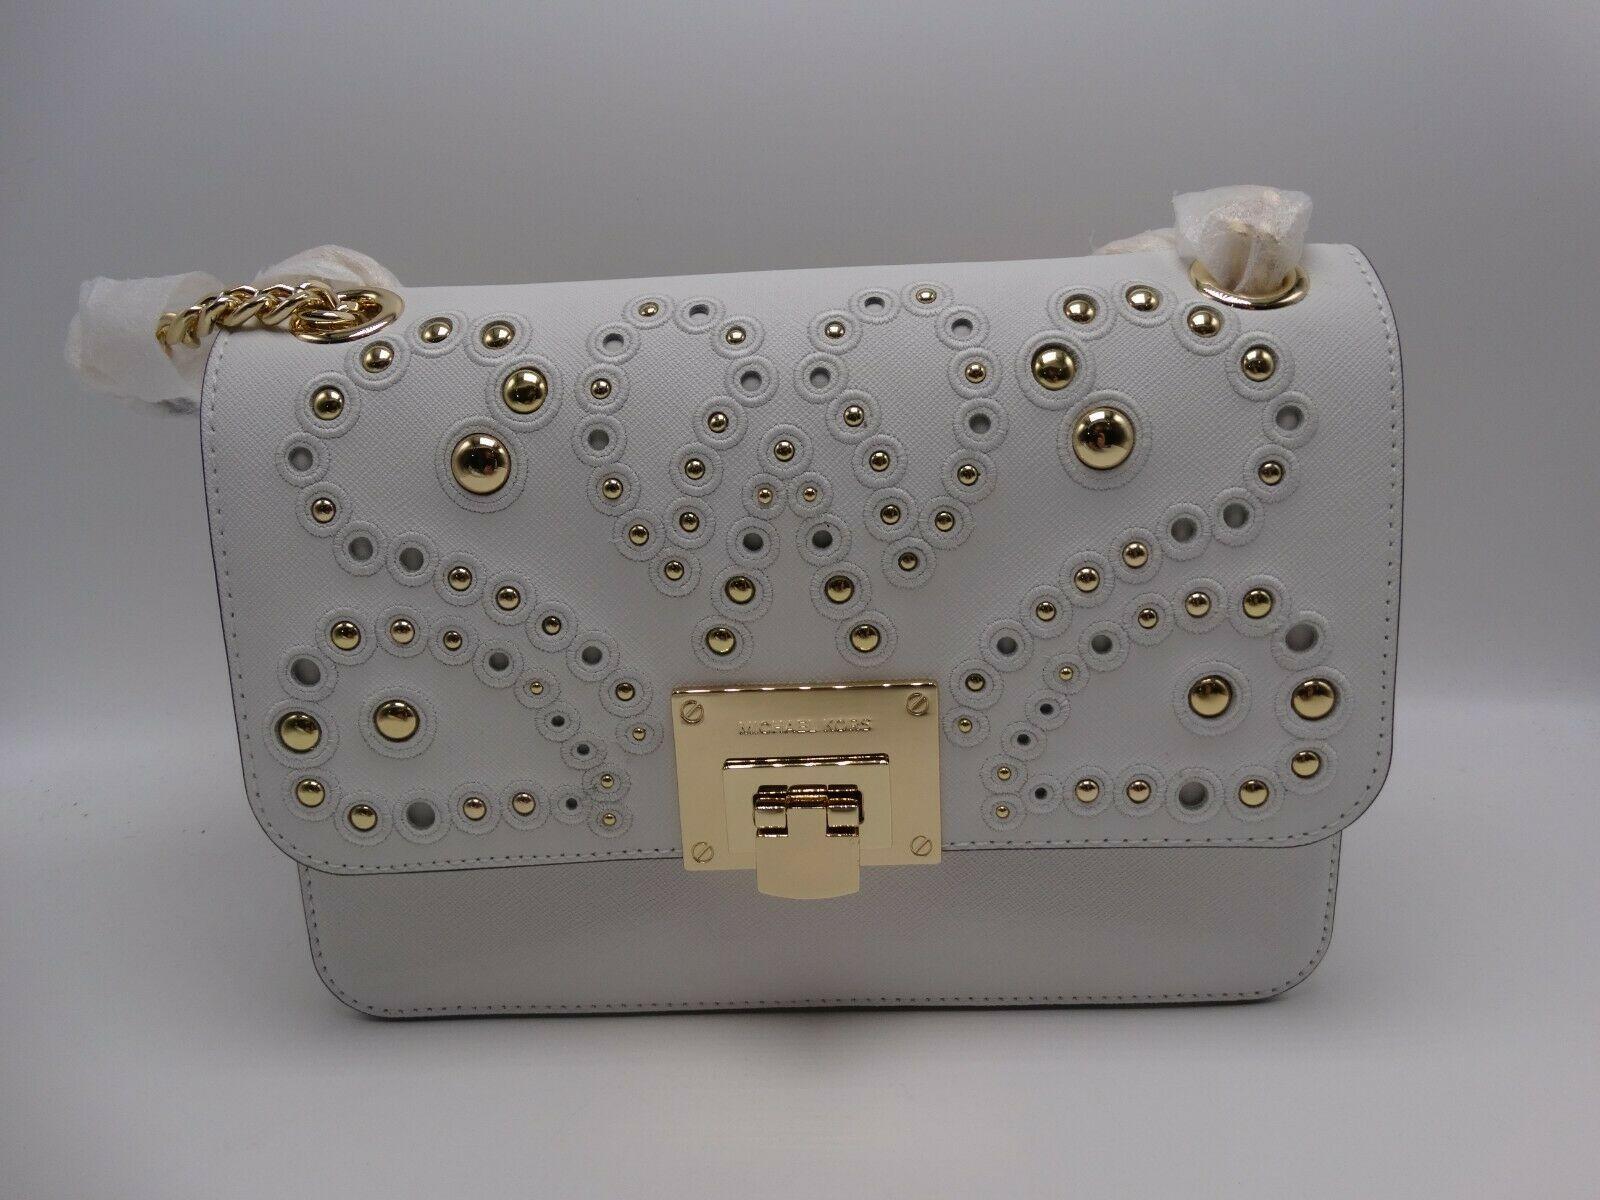 6a4b02d8e9b6 Michael Kors Tina Optic White Gold Stud and 50 similar items